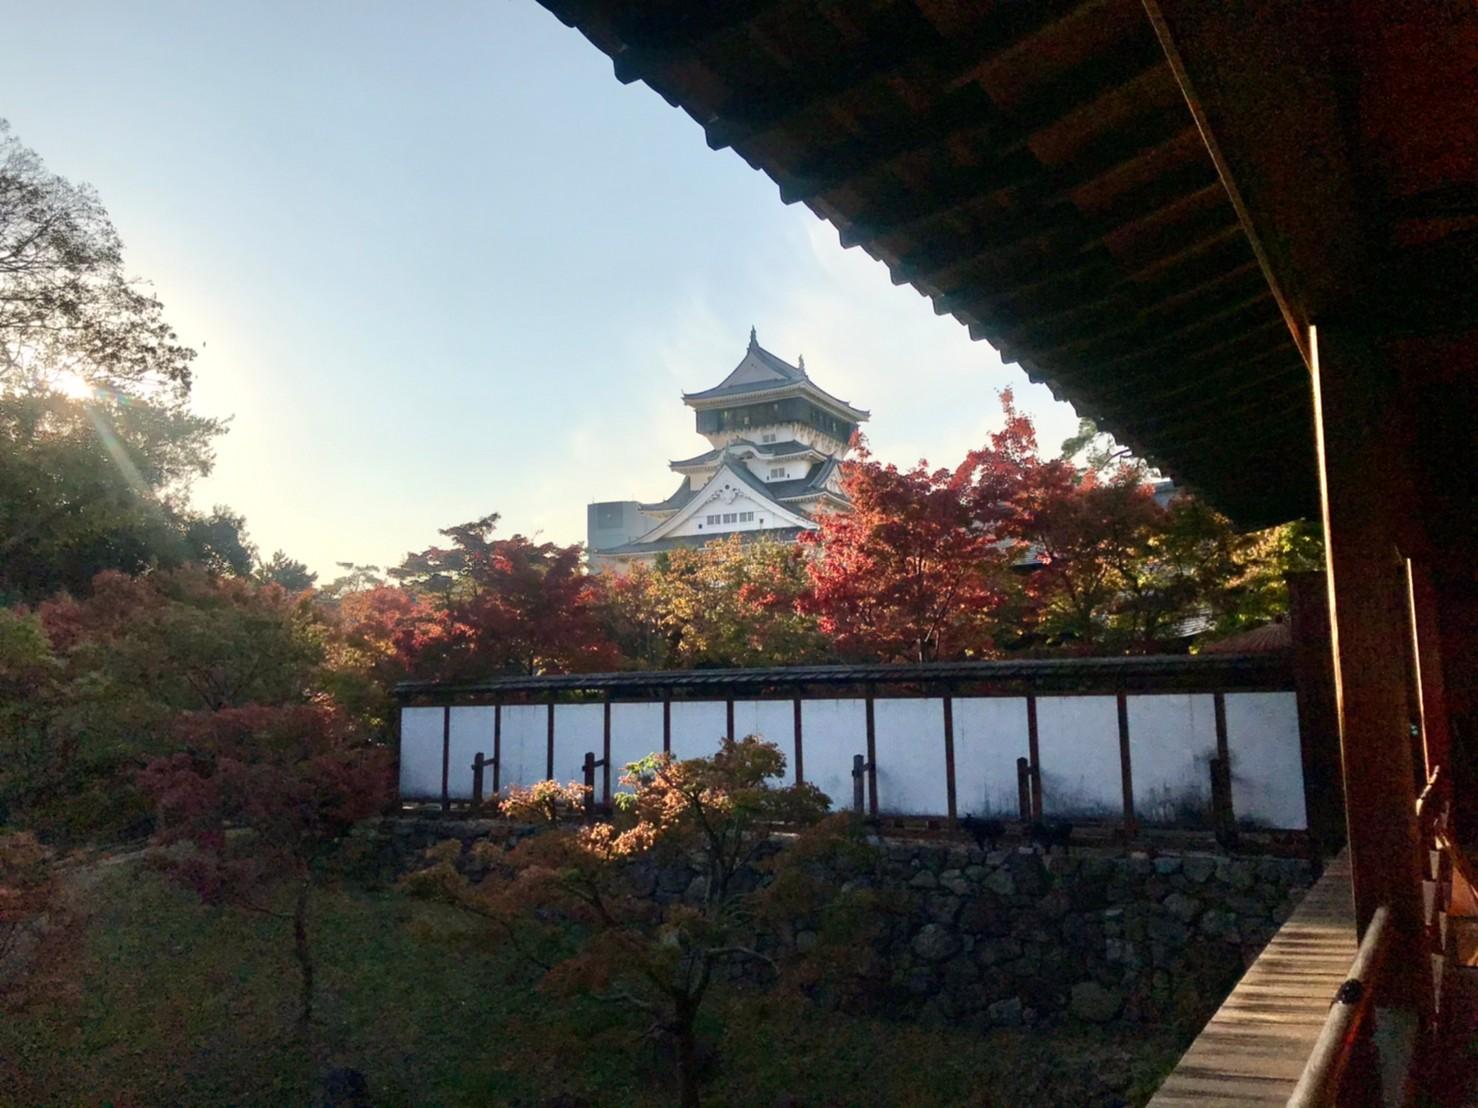 小倉城庭園で紅葉狩り